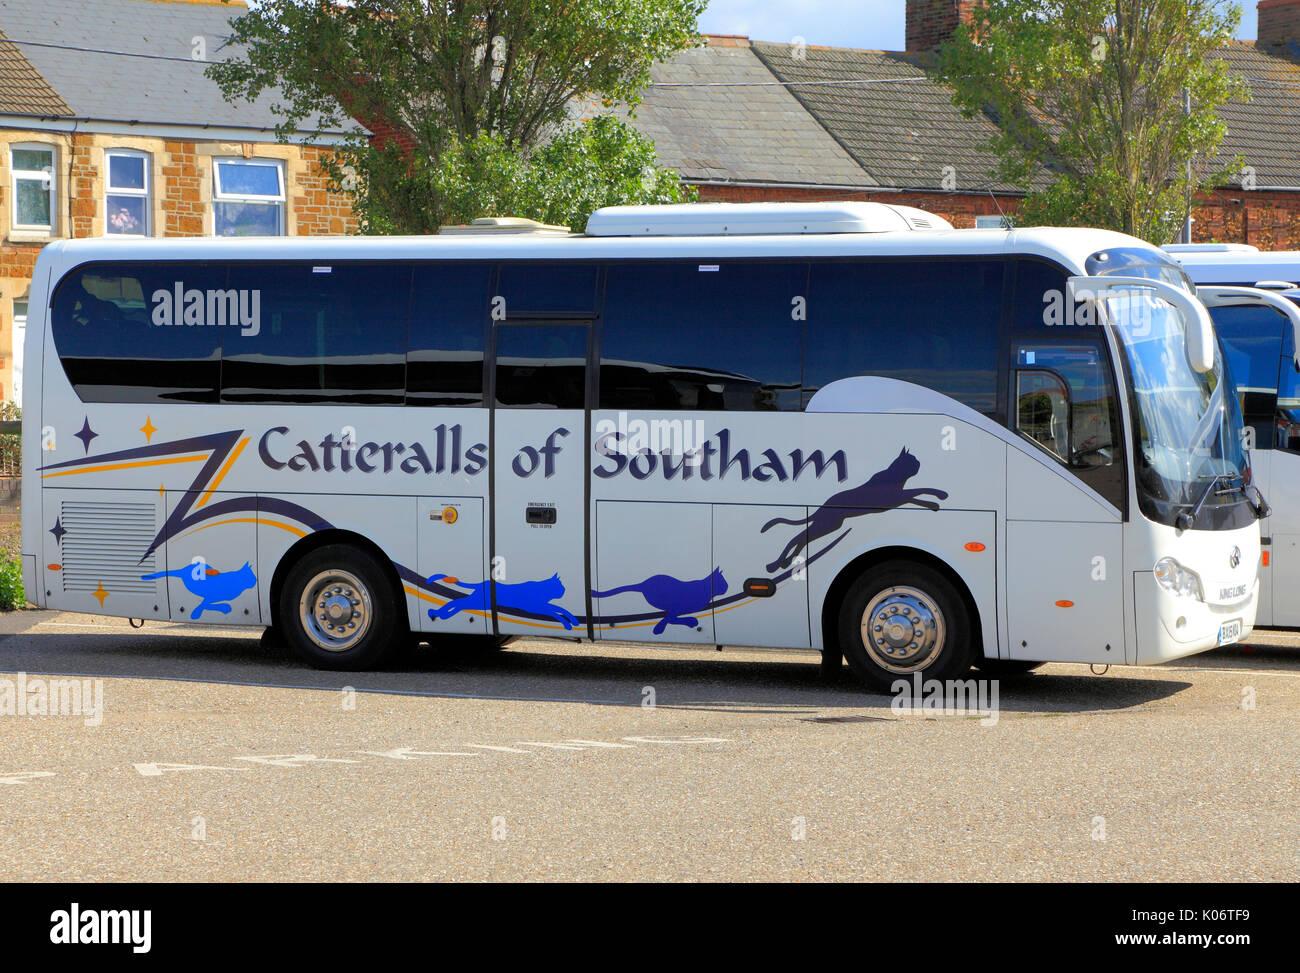 Der catteralls Southam, Trainer, Coach, Ausflug, Ausflüge, Ausflug, Ausflüge, Reisen unternehmen, Unternehmen, Verkehr, Urlaub, England, Großbritannien Stockbild